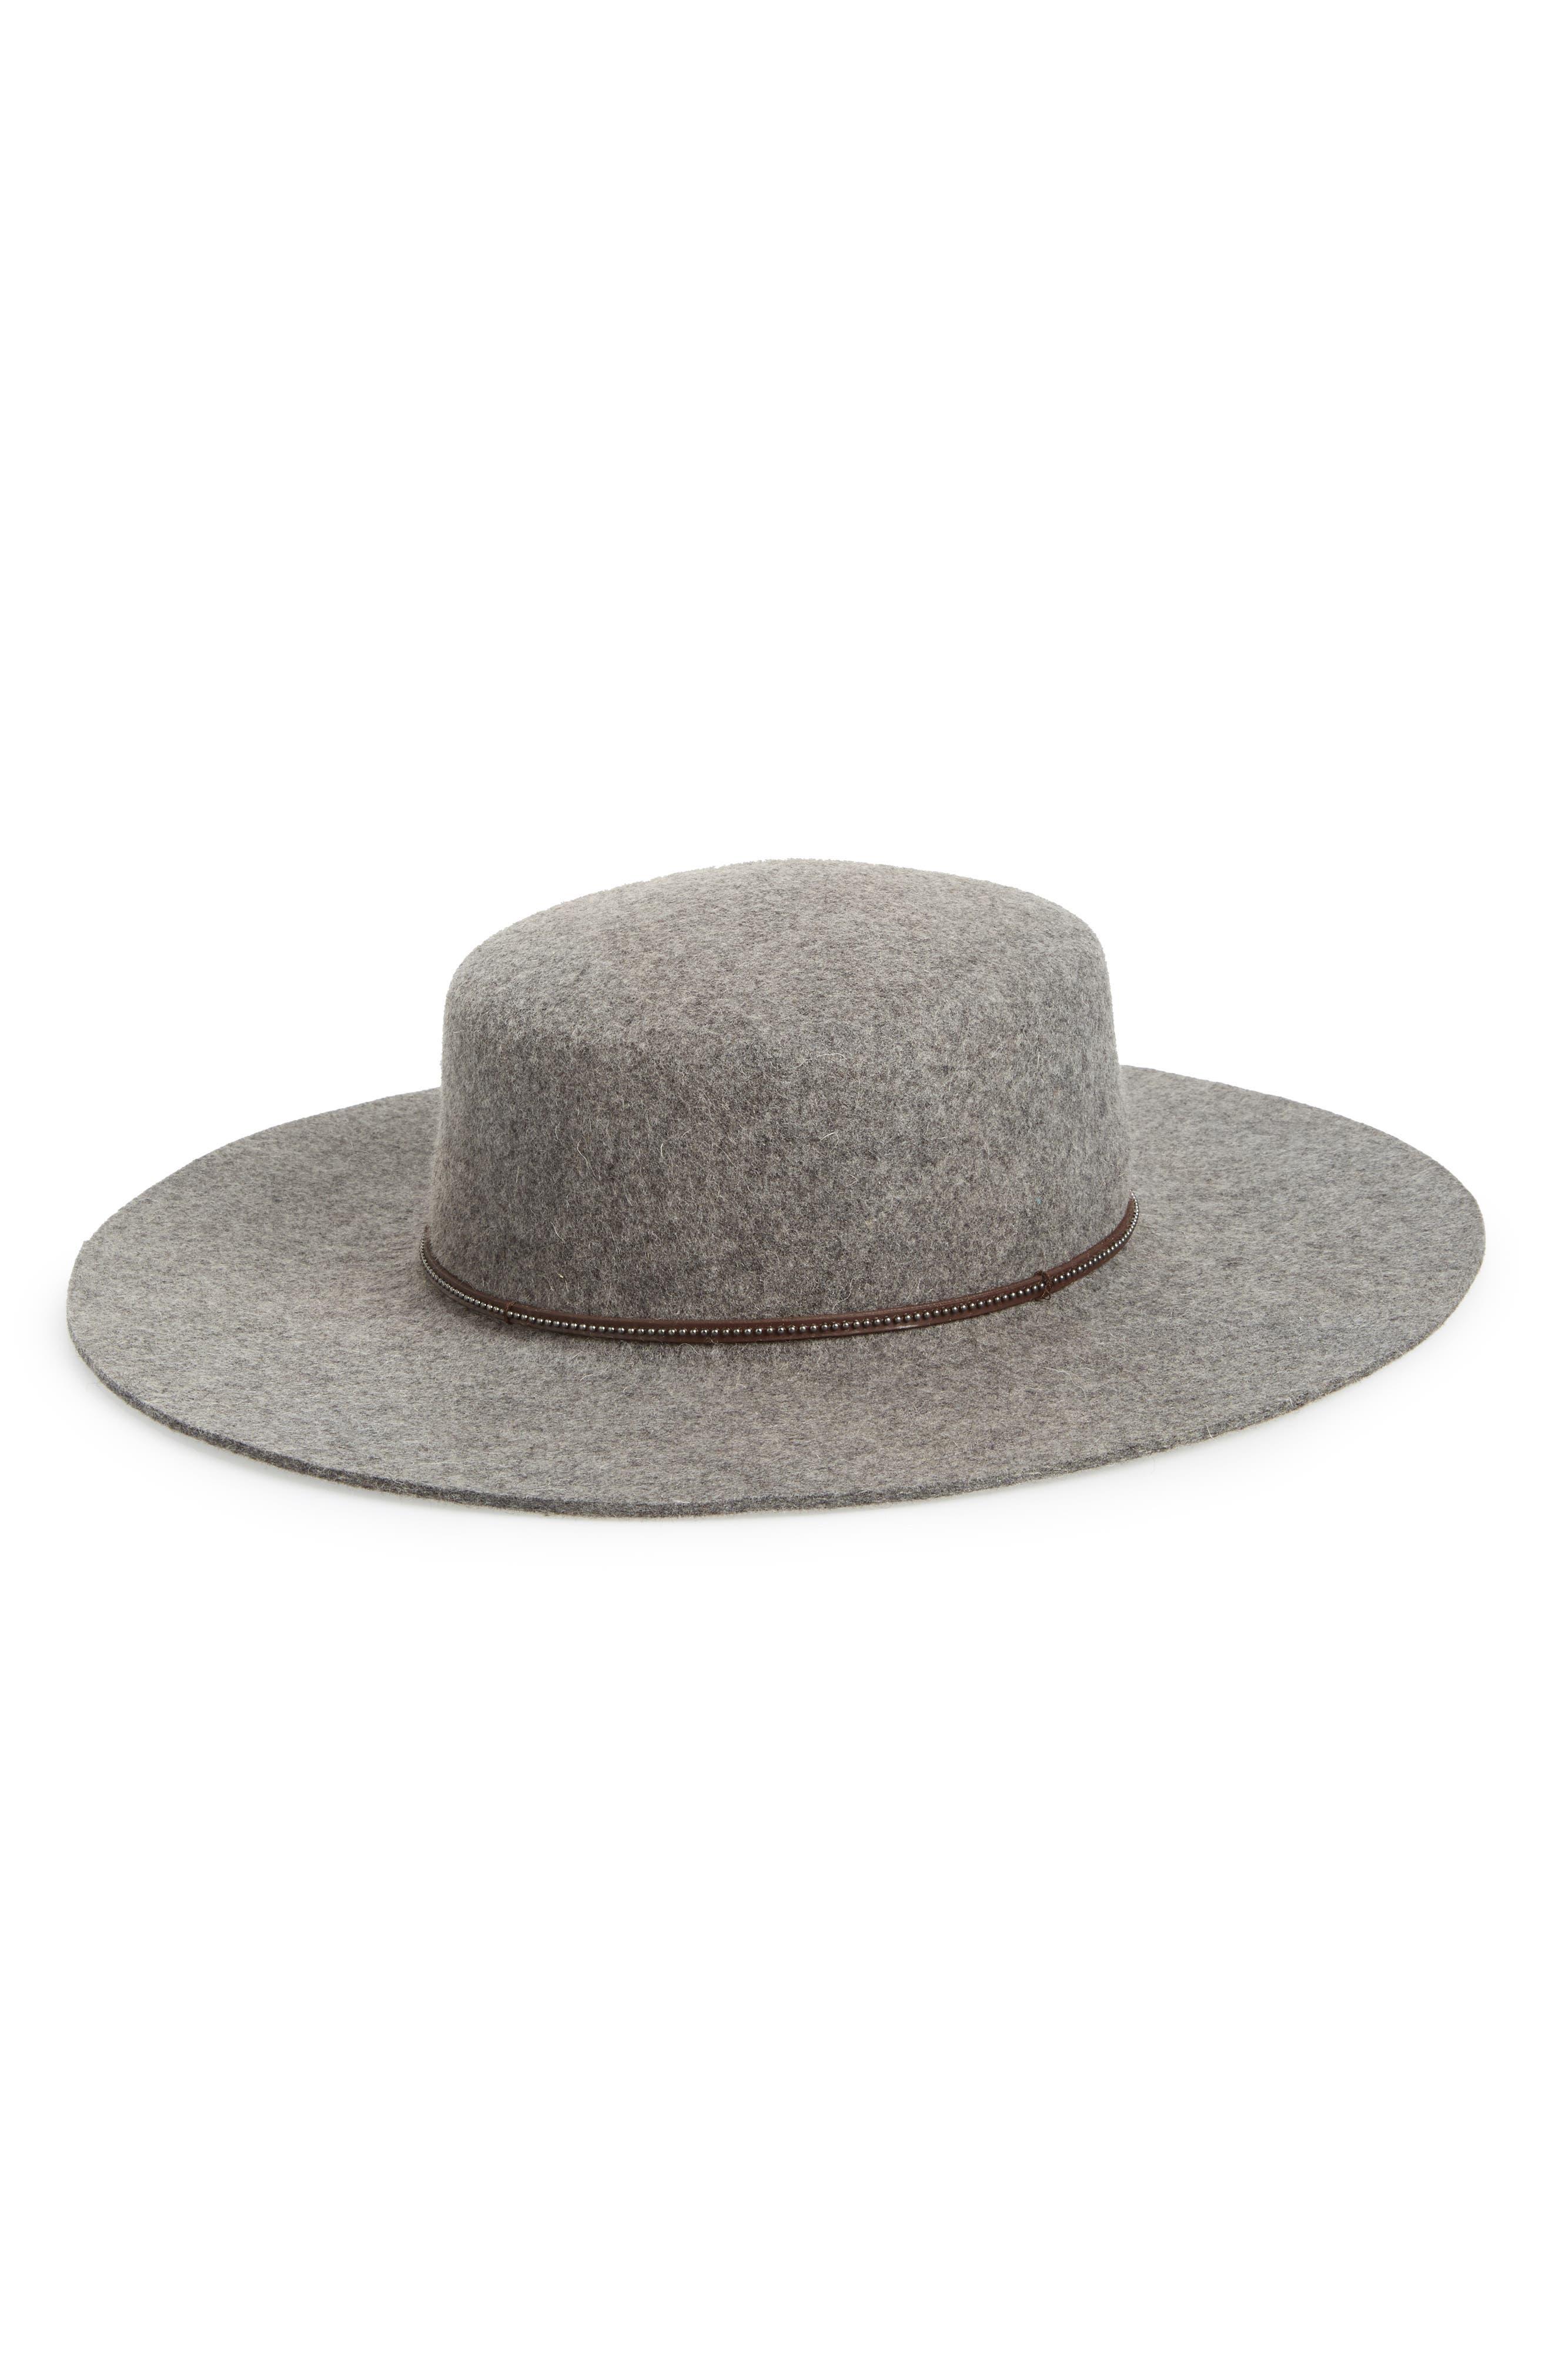 Santa Fe Belted Wool Felt Boater Hat,                         Main,                         color, GRAY